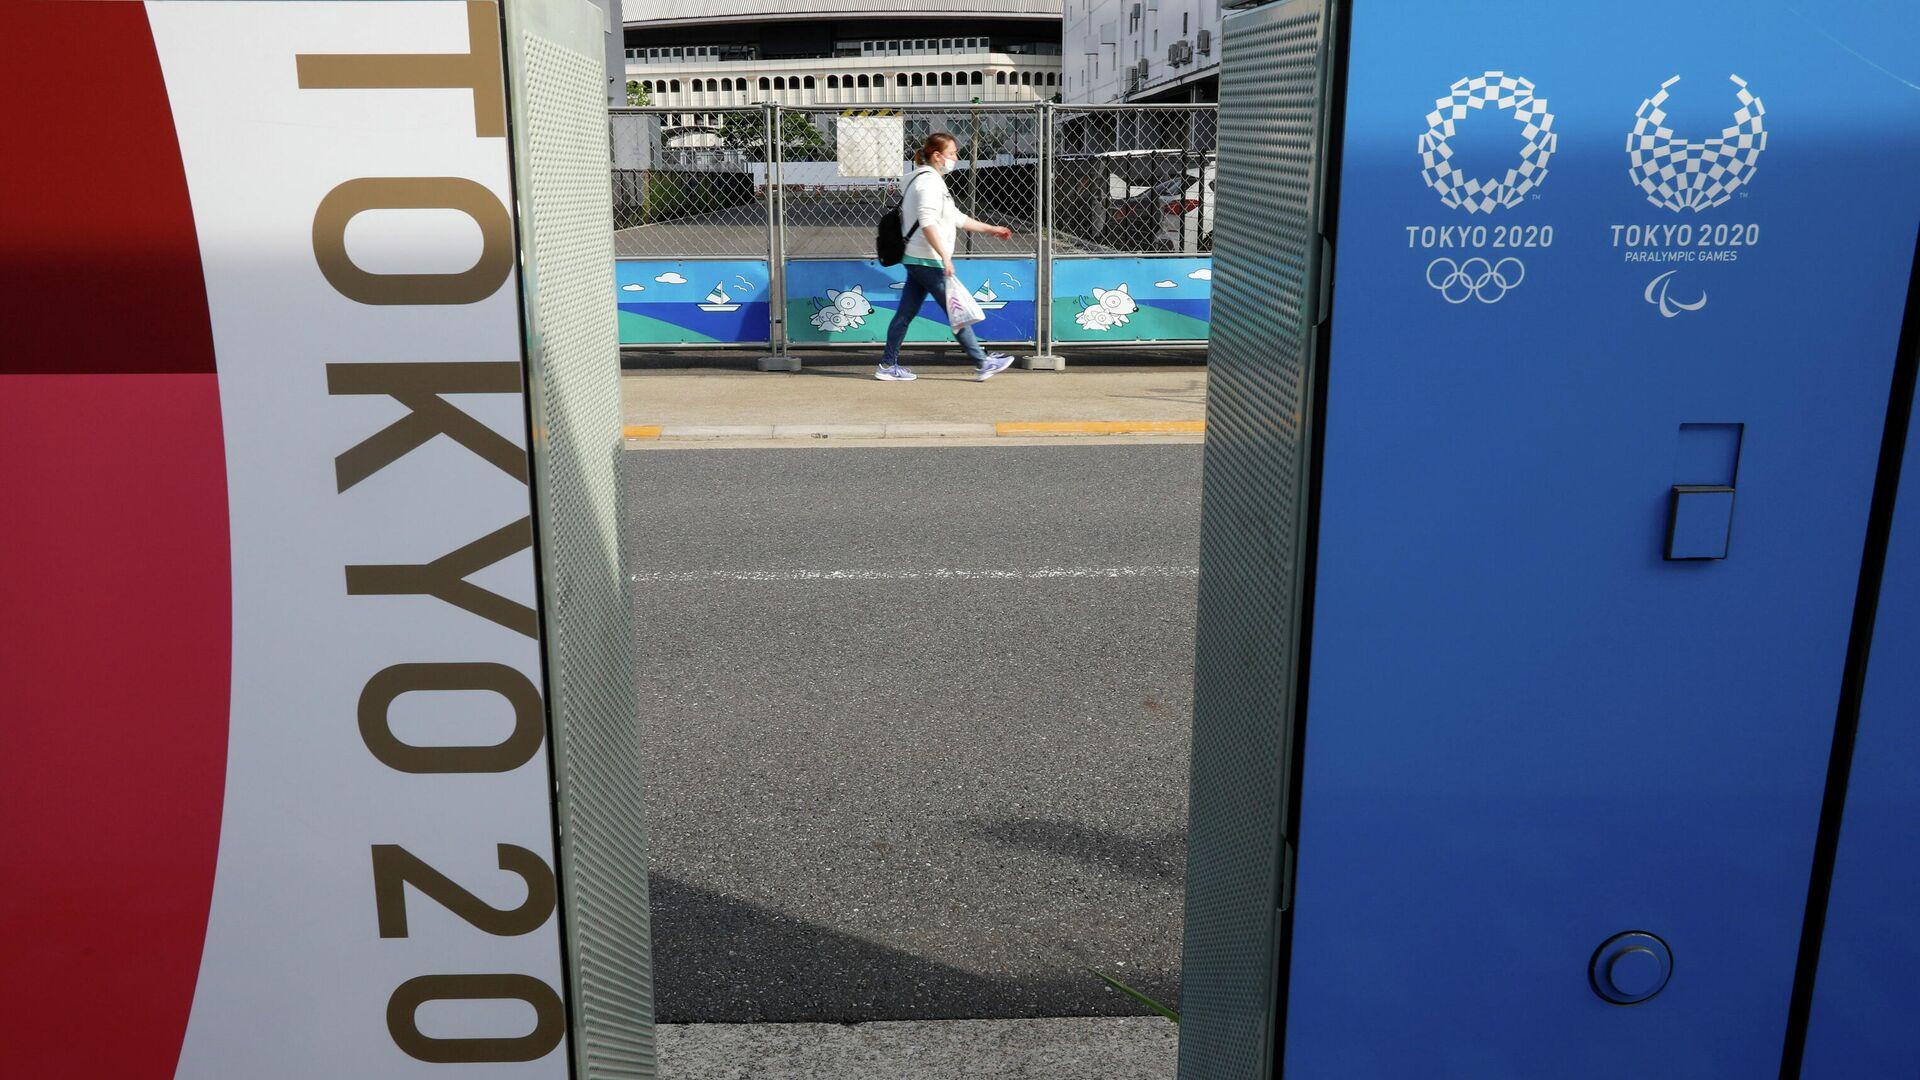 Логотипы Олимпийских и Паралимпийских игр в Токио 2020 года - РИА Новости, 1920, 16.05.2021